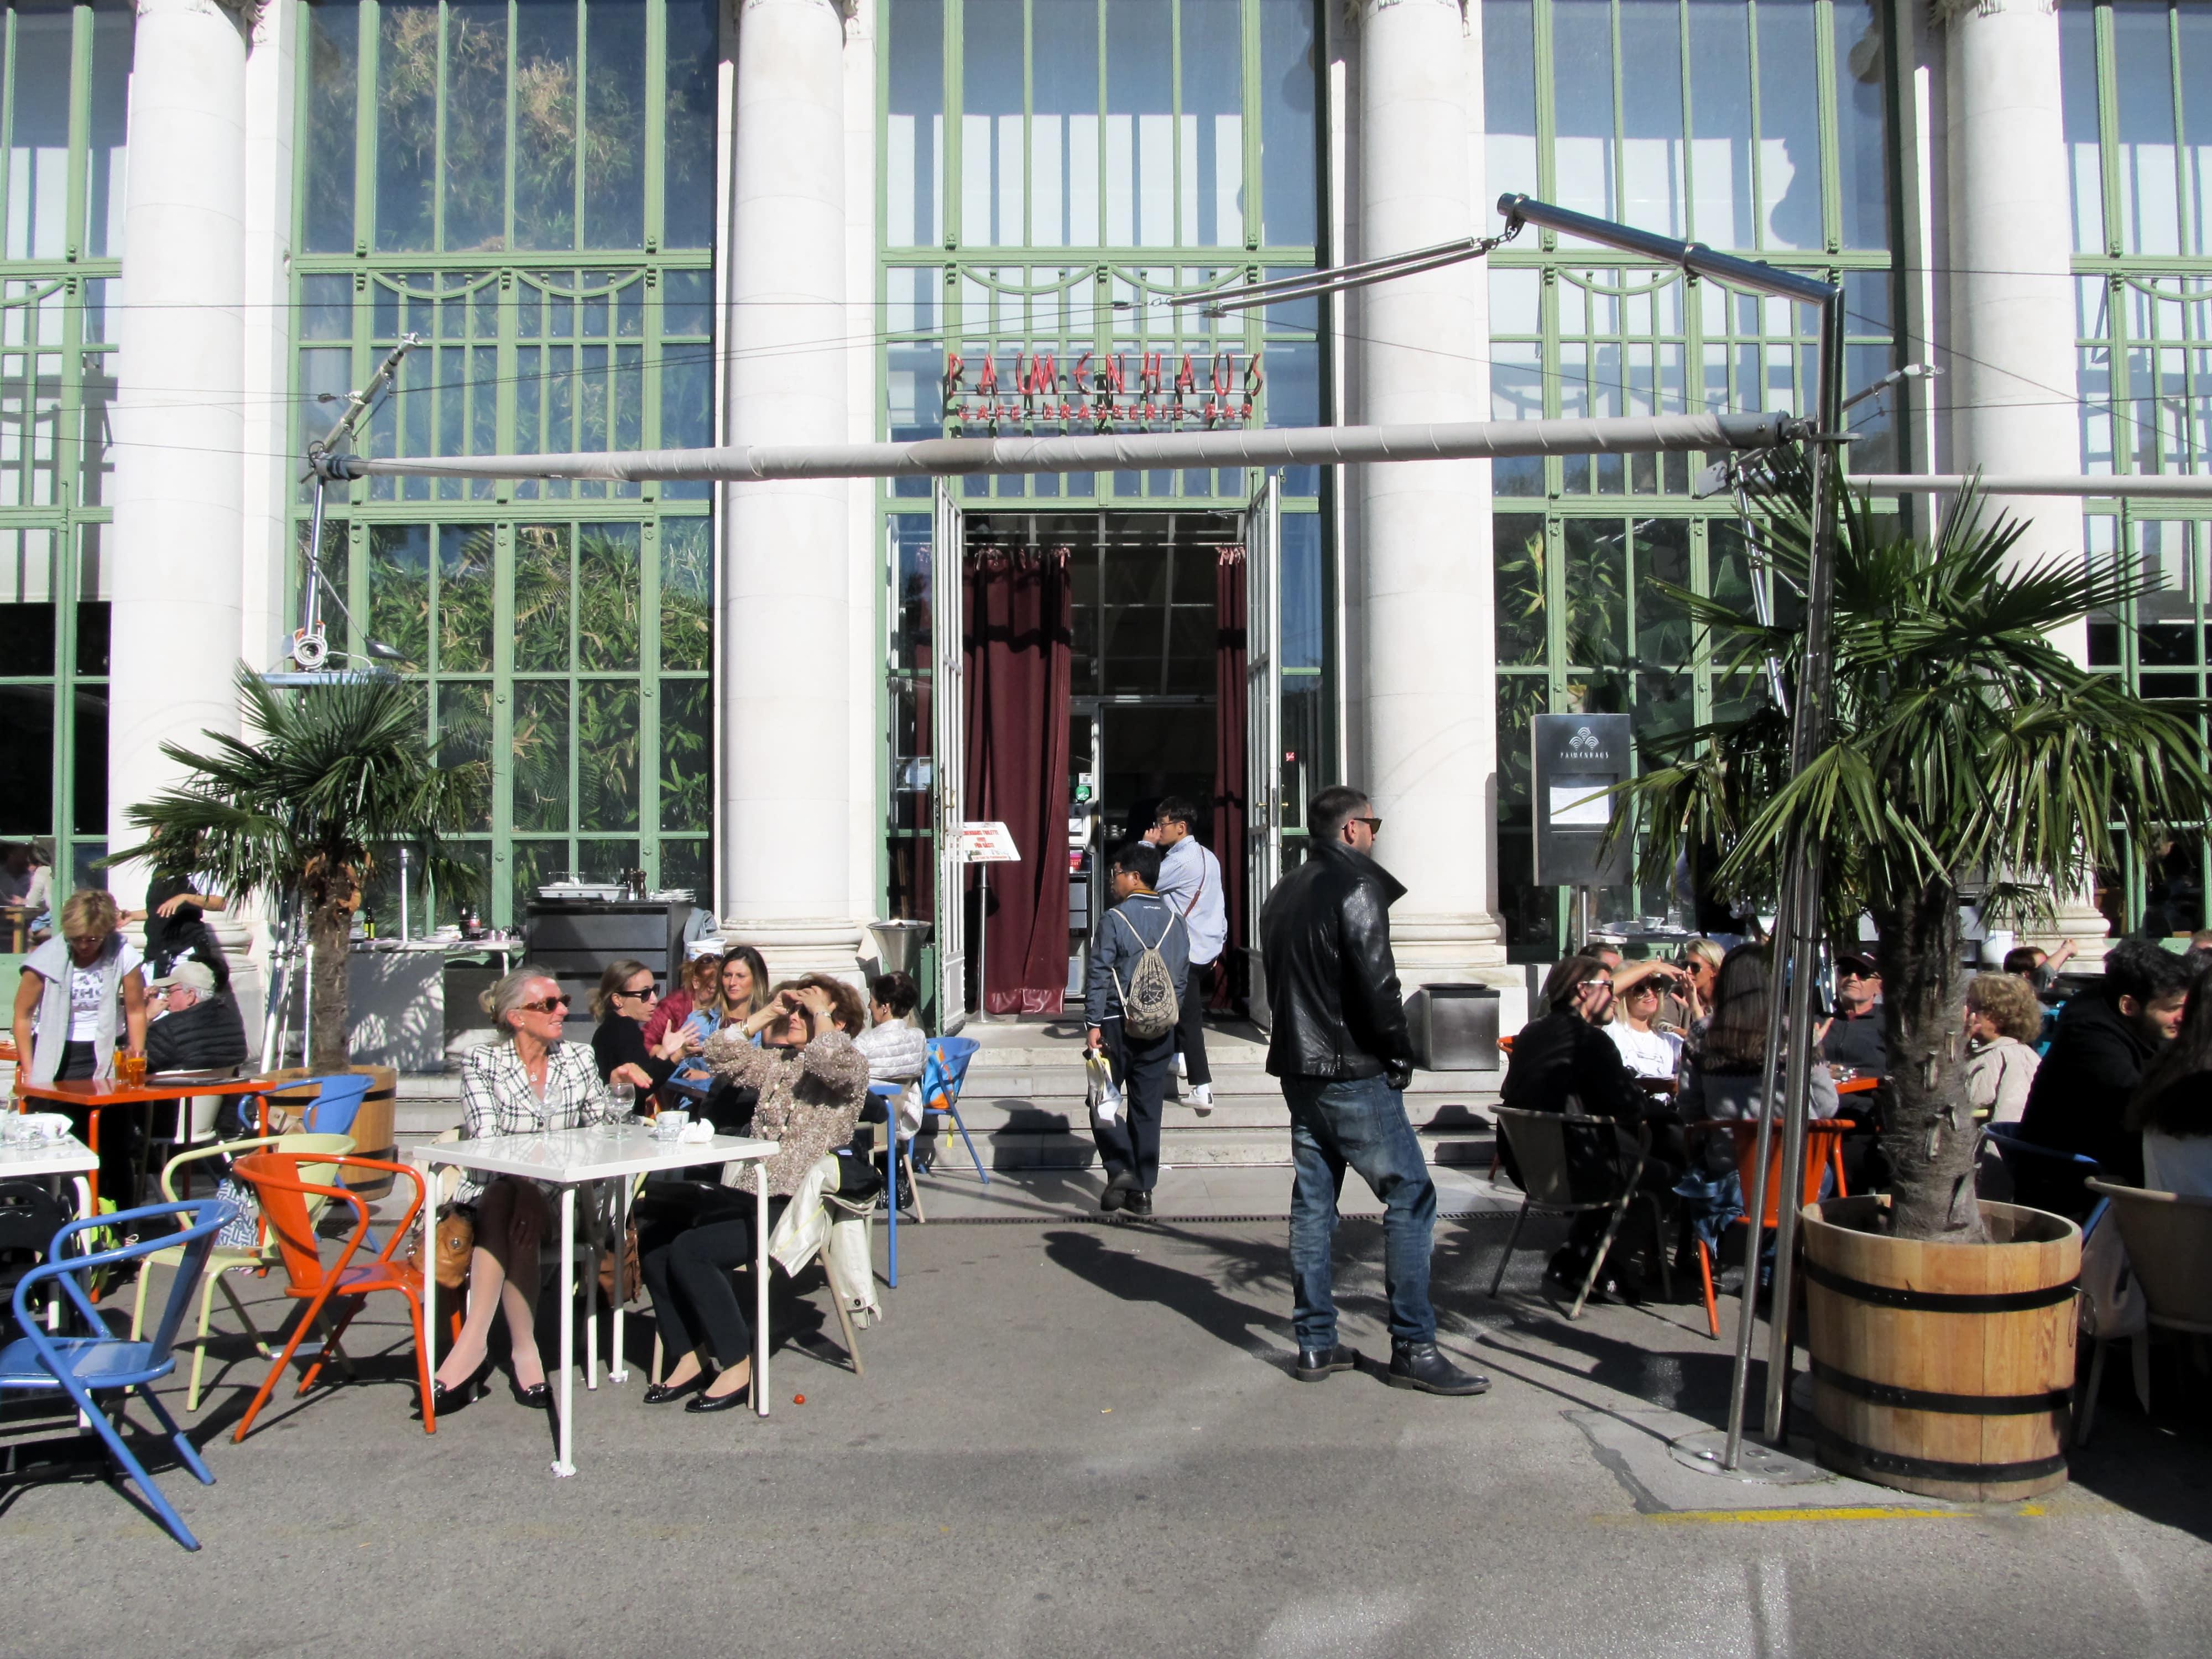 Palmenhaus : Découvrez la majestueuse Vienne avec les 5 immanquables à voir pour une visite expresse.